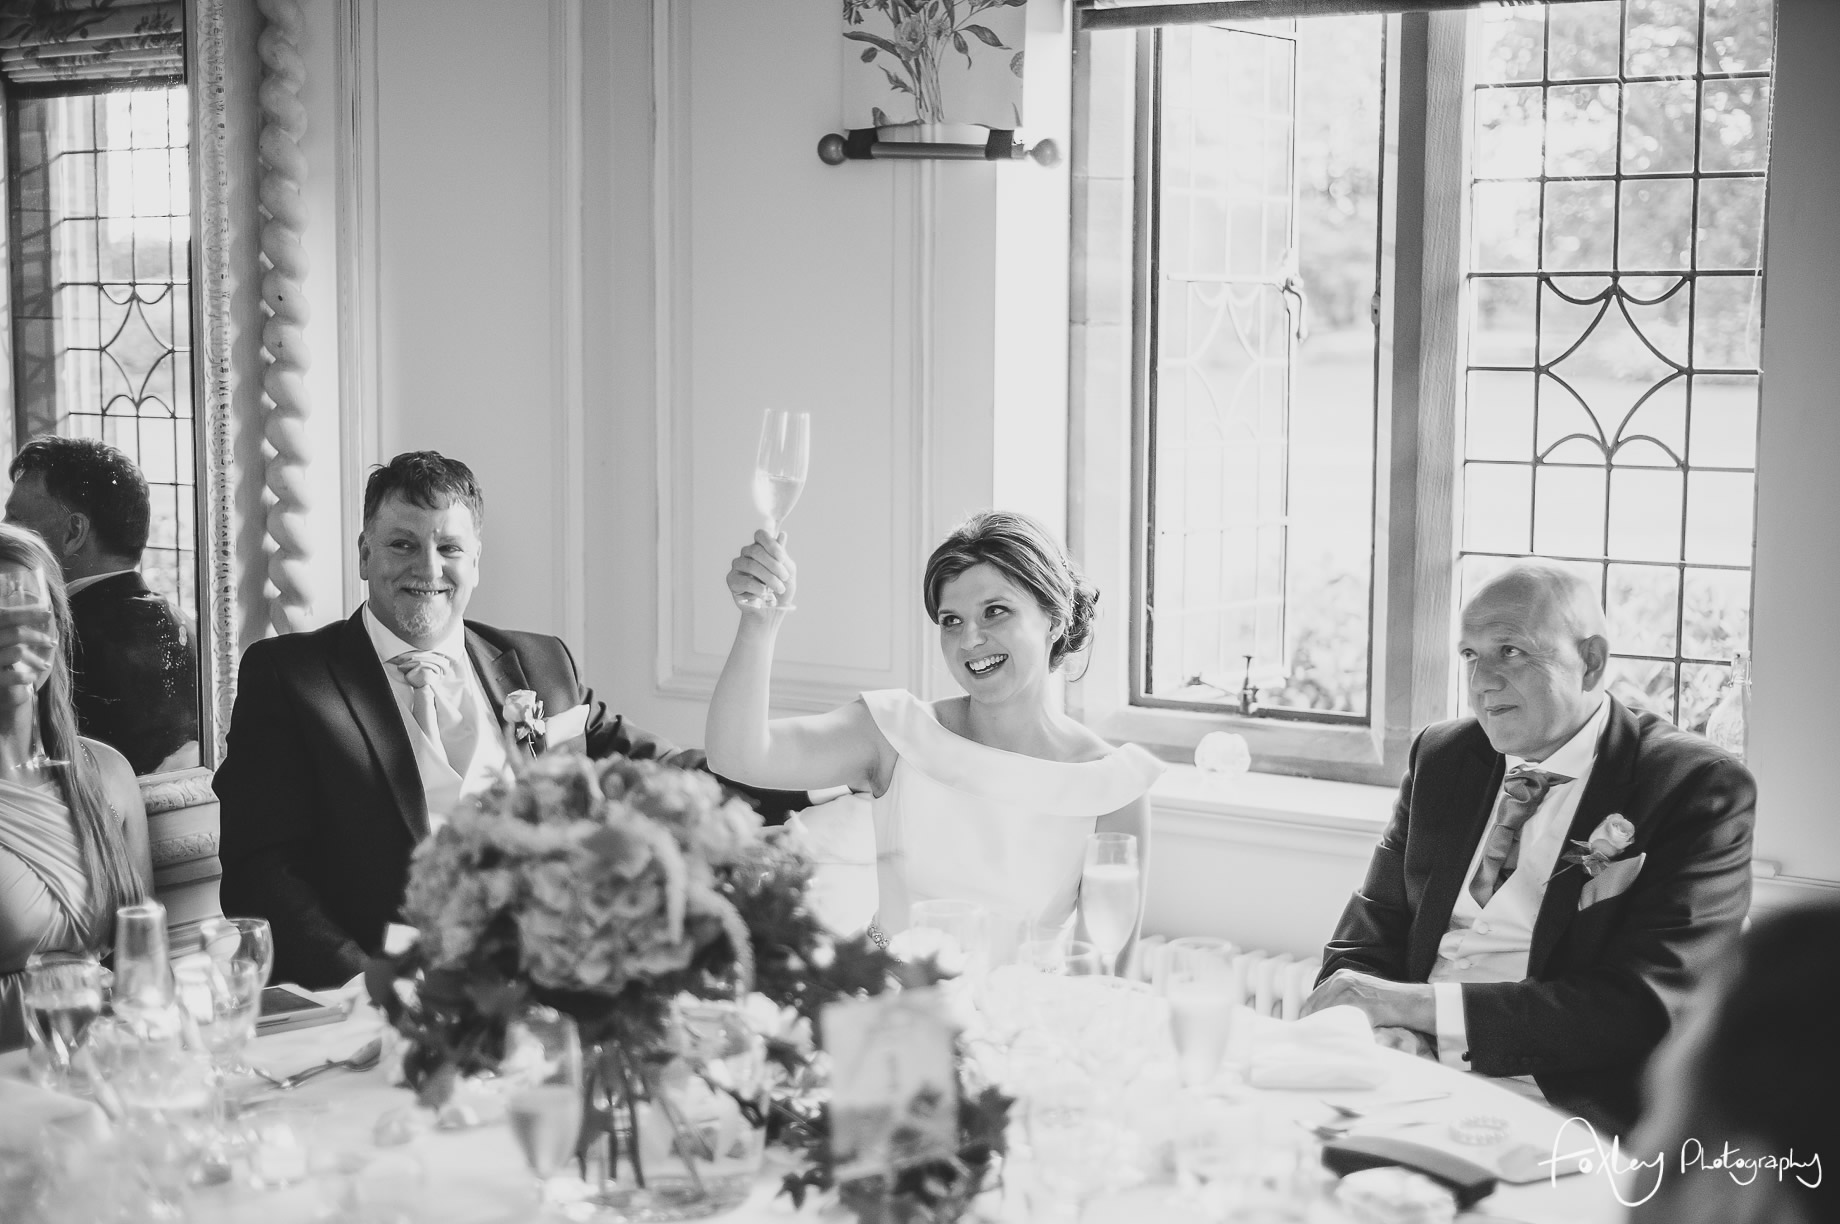 Simona-and-Robert-Wedding-at-Colshaw-Hall-124